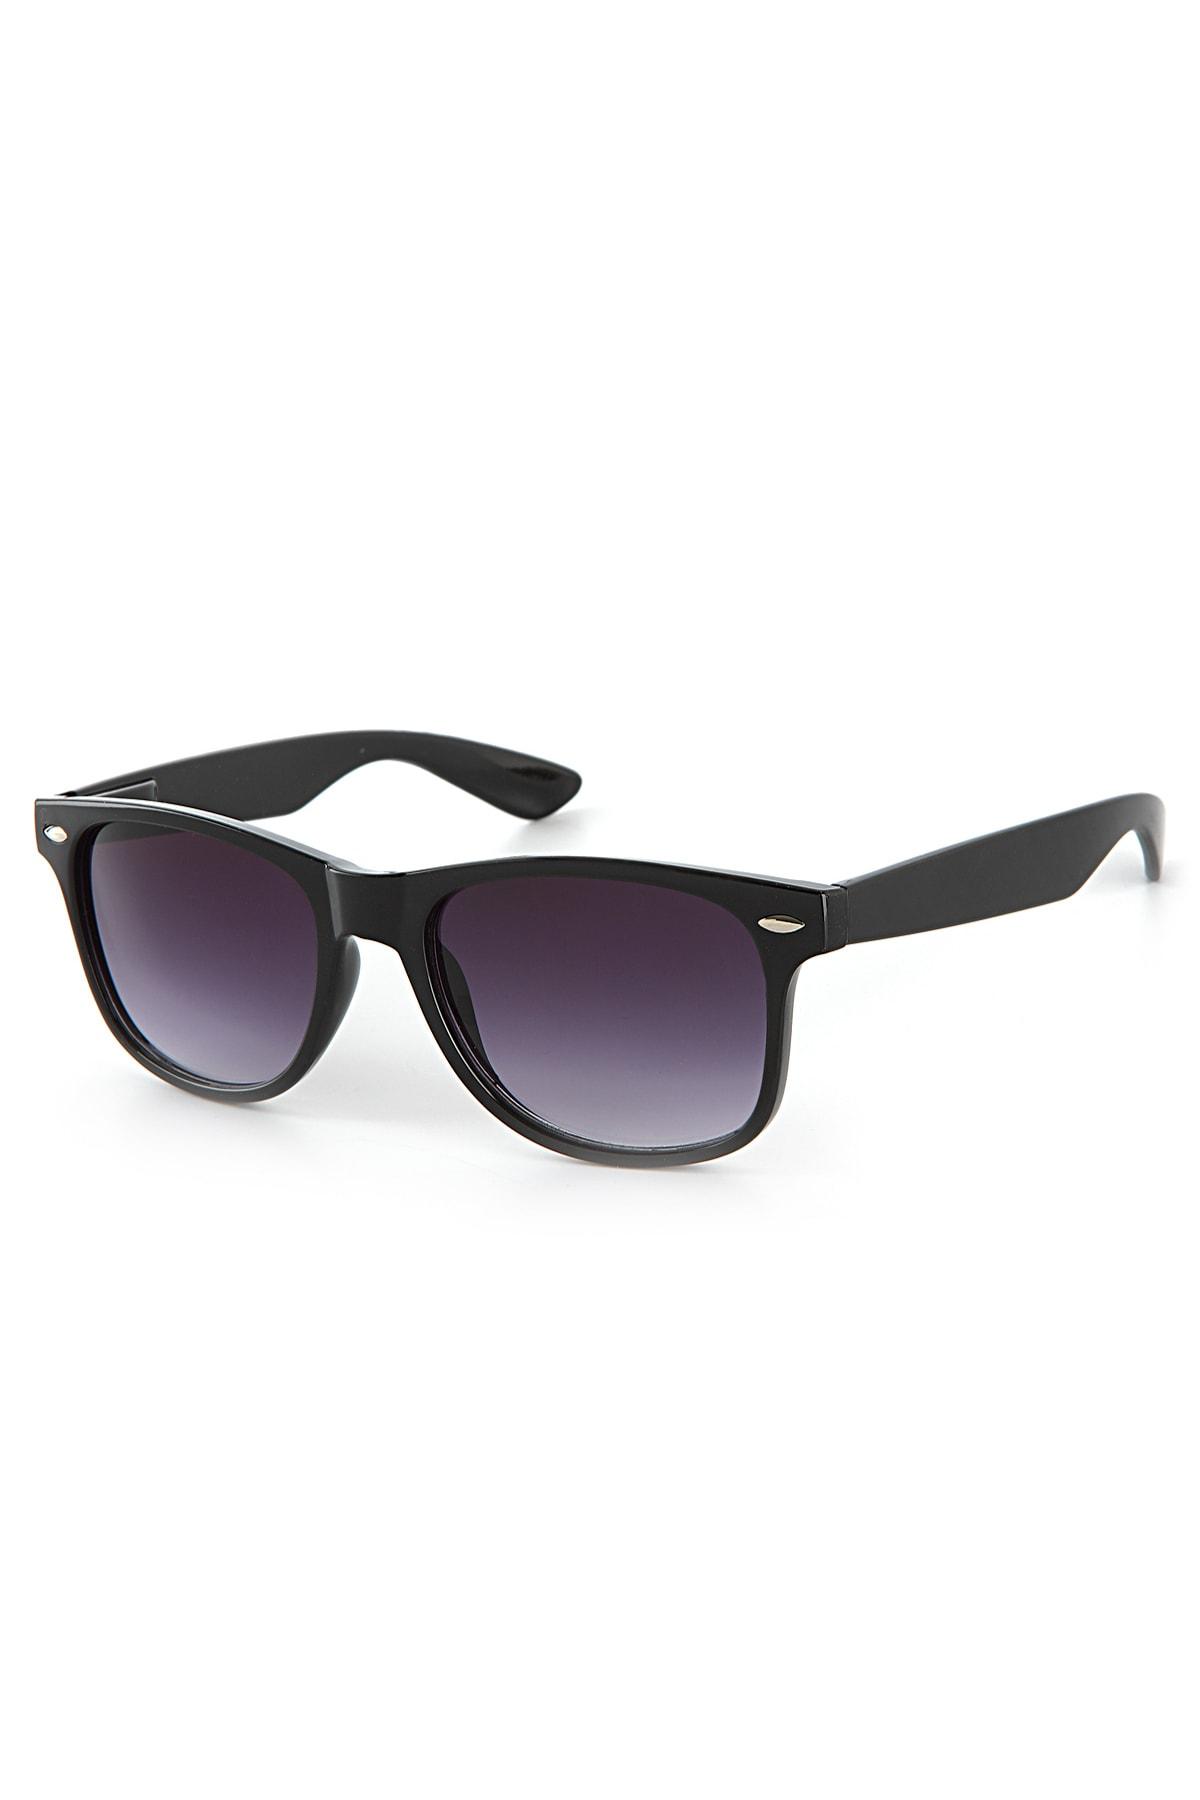 عینک آفتابی زنانه پارچه  برند Luis Polo رنگ مشکی کد ty39810585